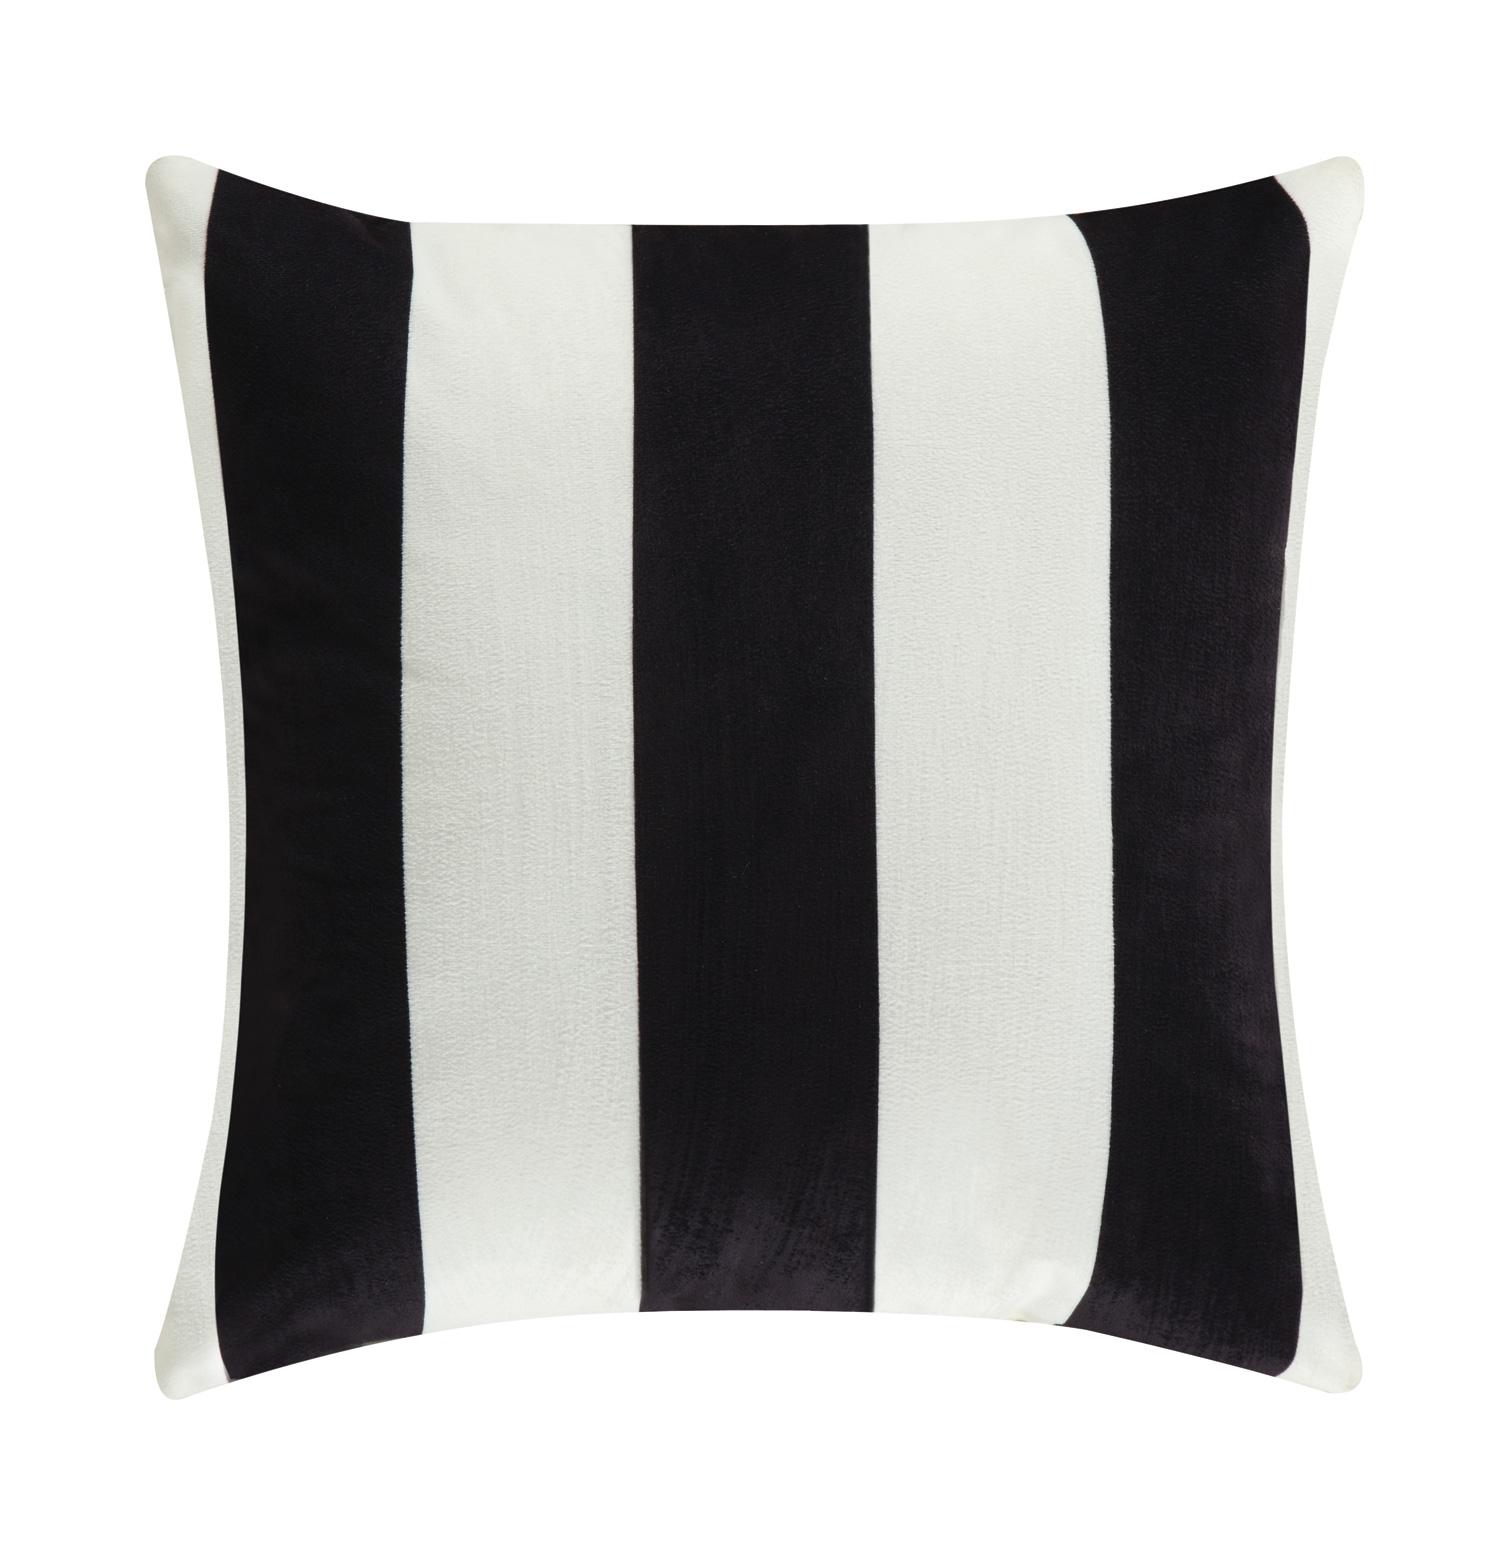 Coaster Throw Pillows Pillow - Item Number: 905333